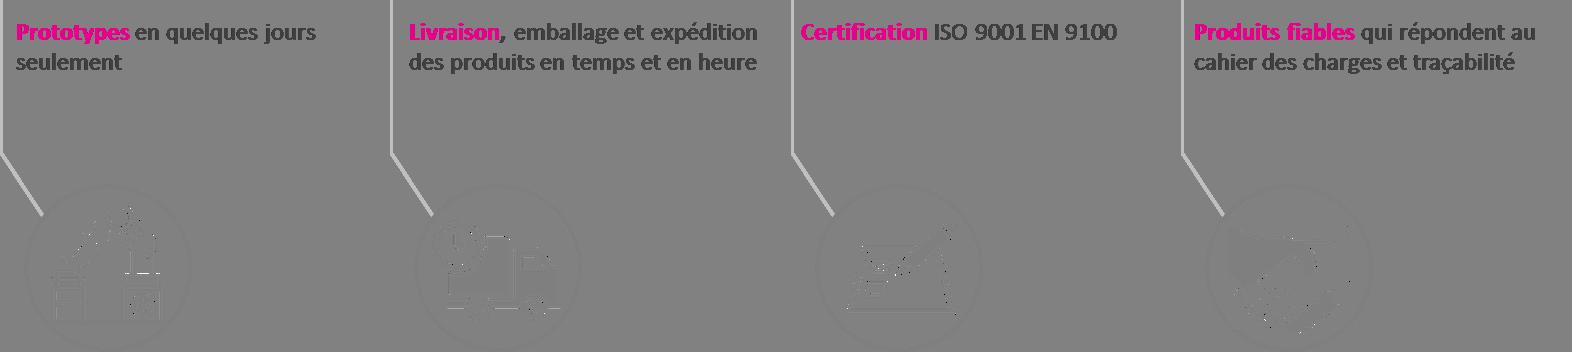 pictogrammes livraison prototypes certification iso 9001 et produits fiables fluor one